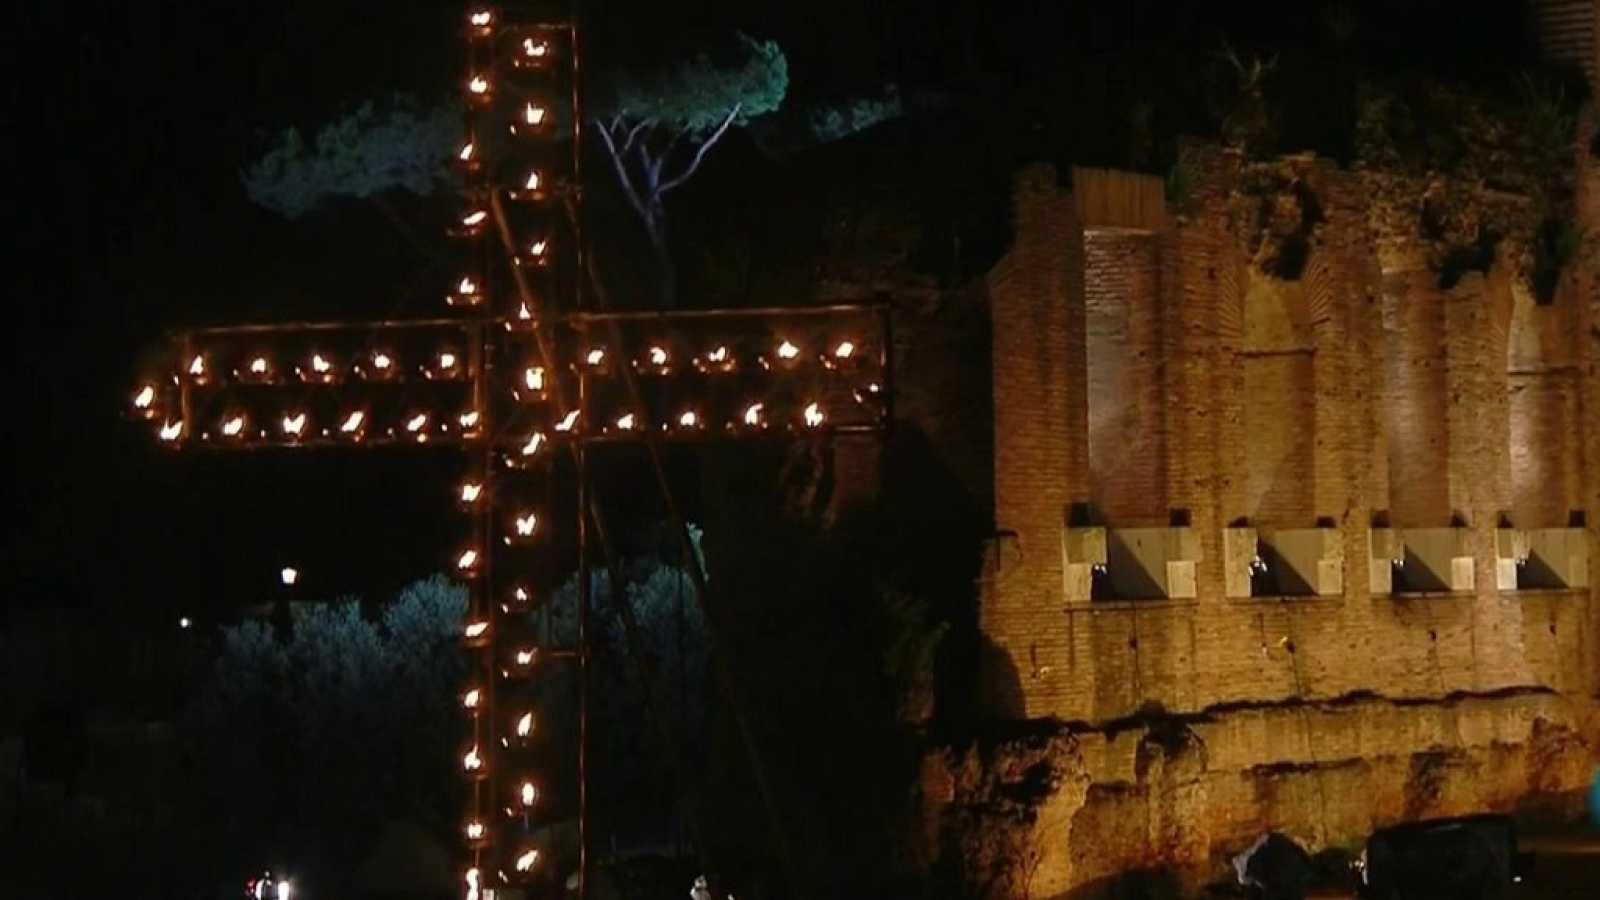 Semana Santa 2019 - Via Crucis desde el Coliseo de Roma - ver ahora